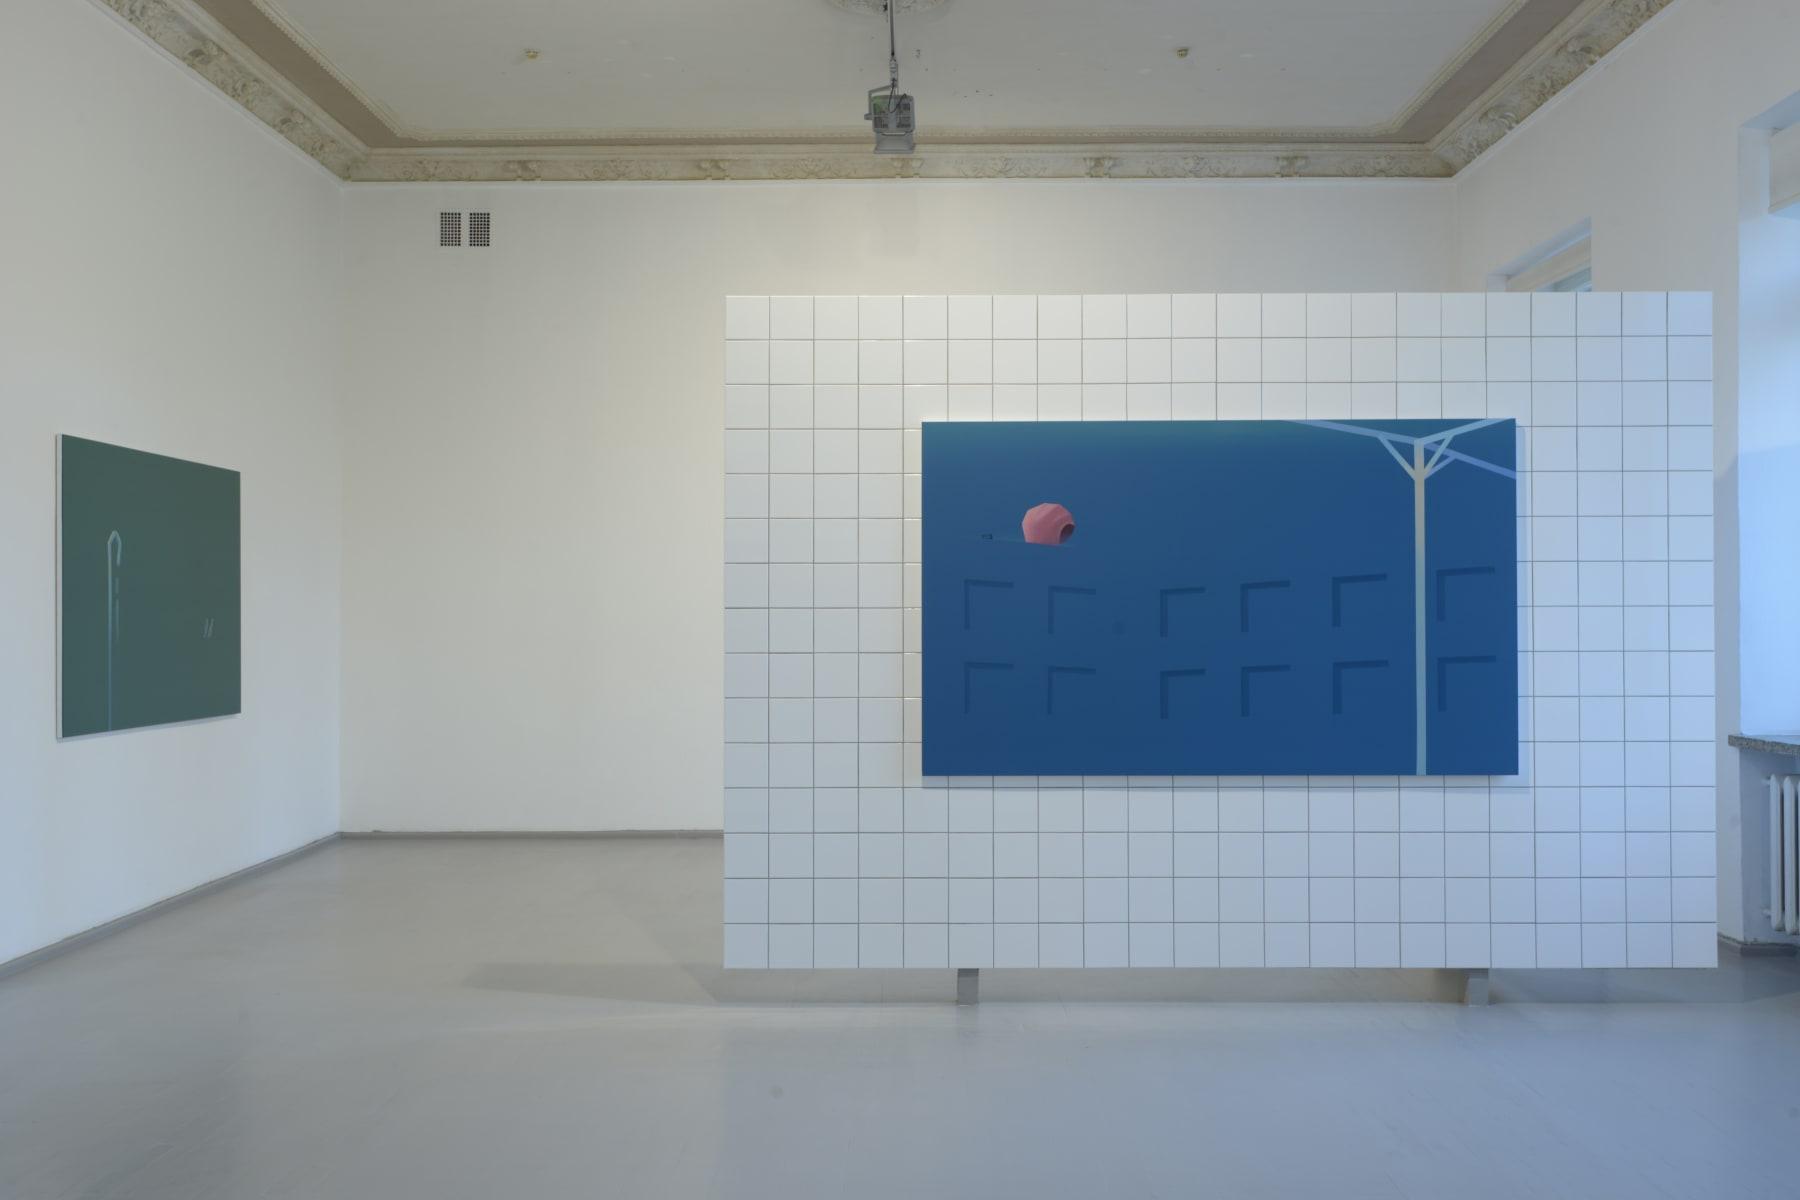 Galerija Vartai, 2017 Linas Jusionis's solo exhibiton